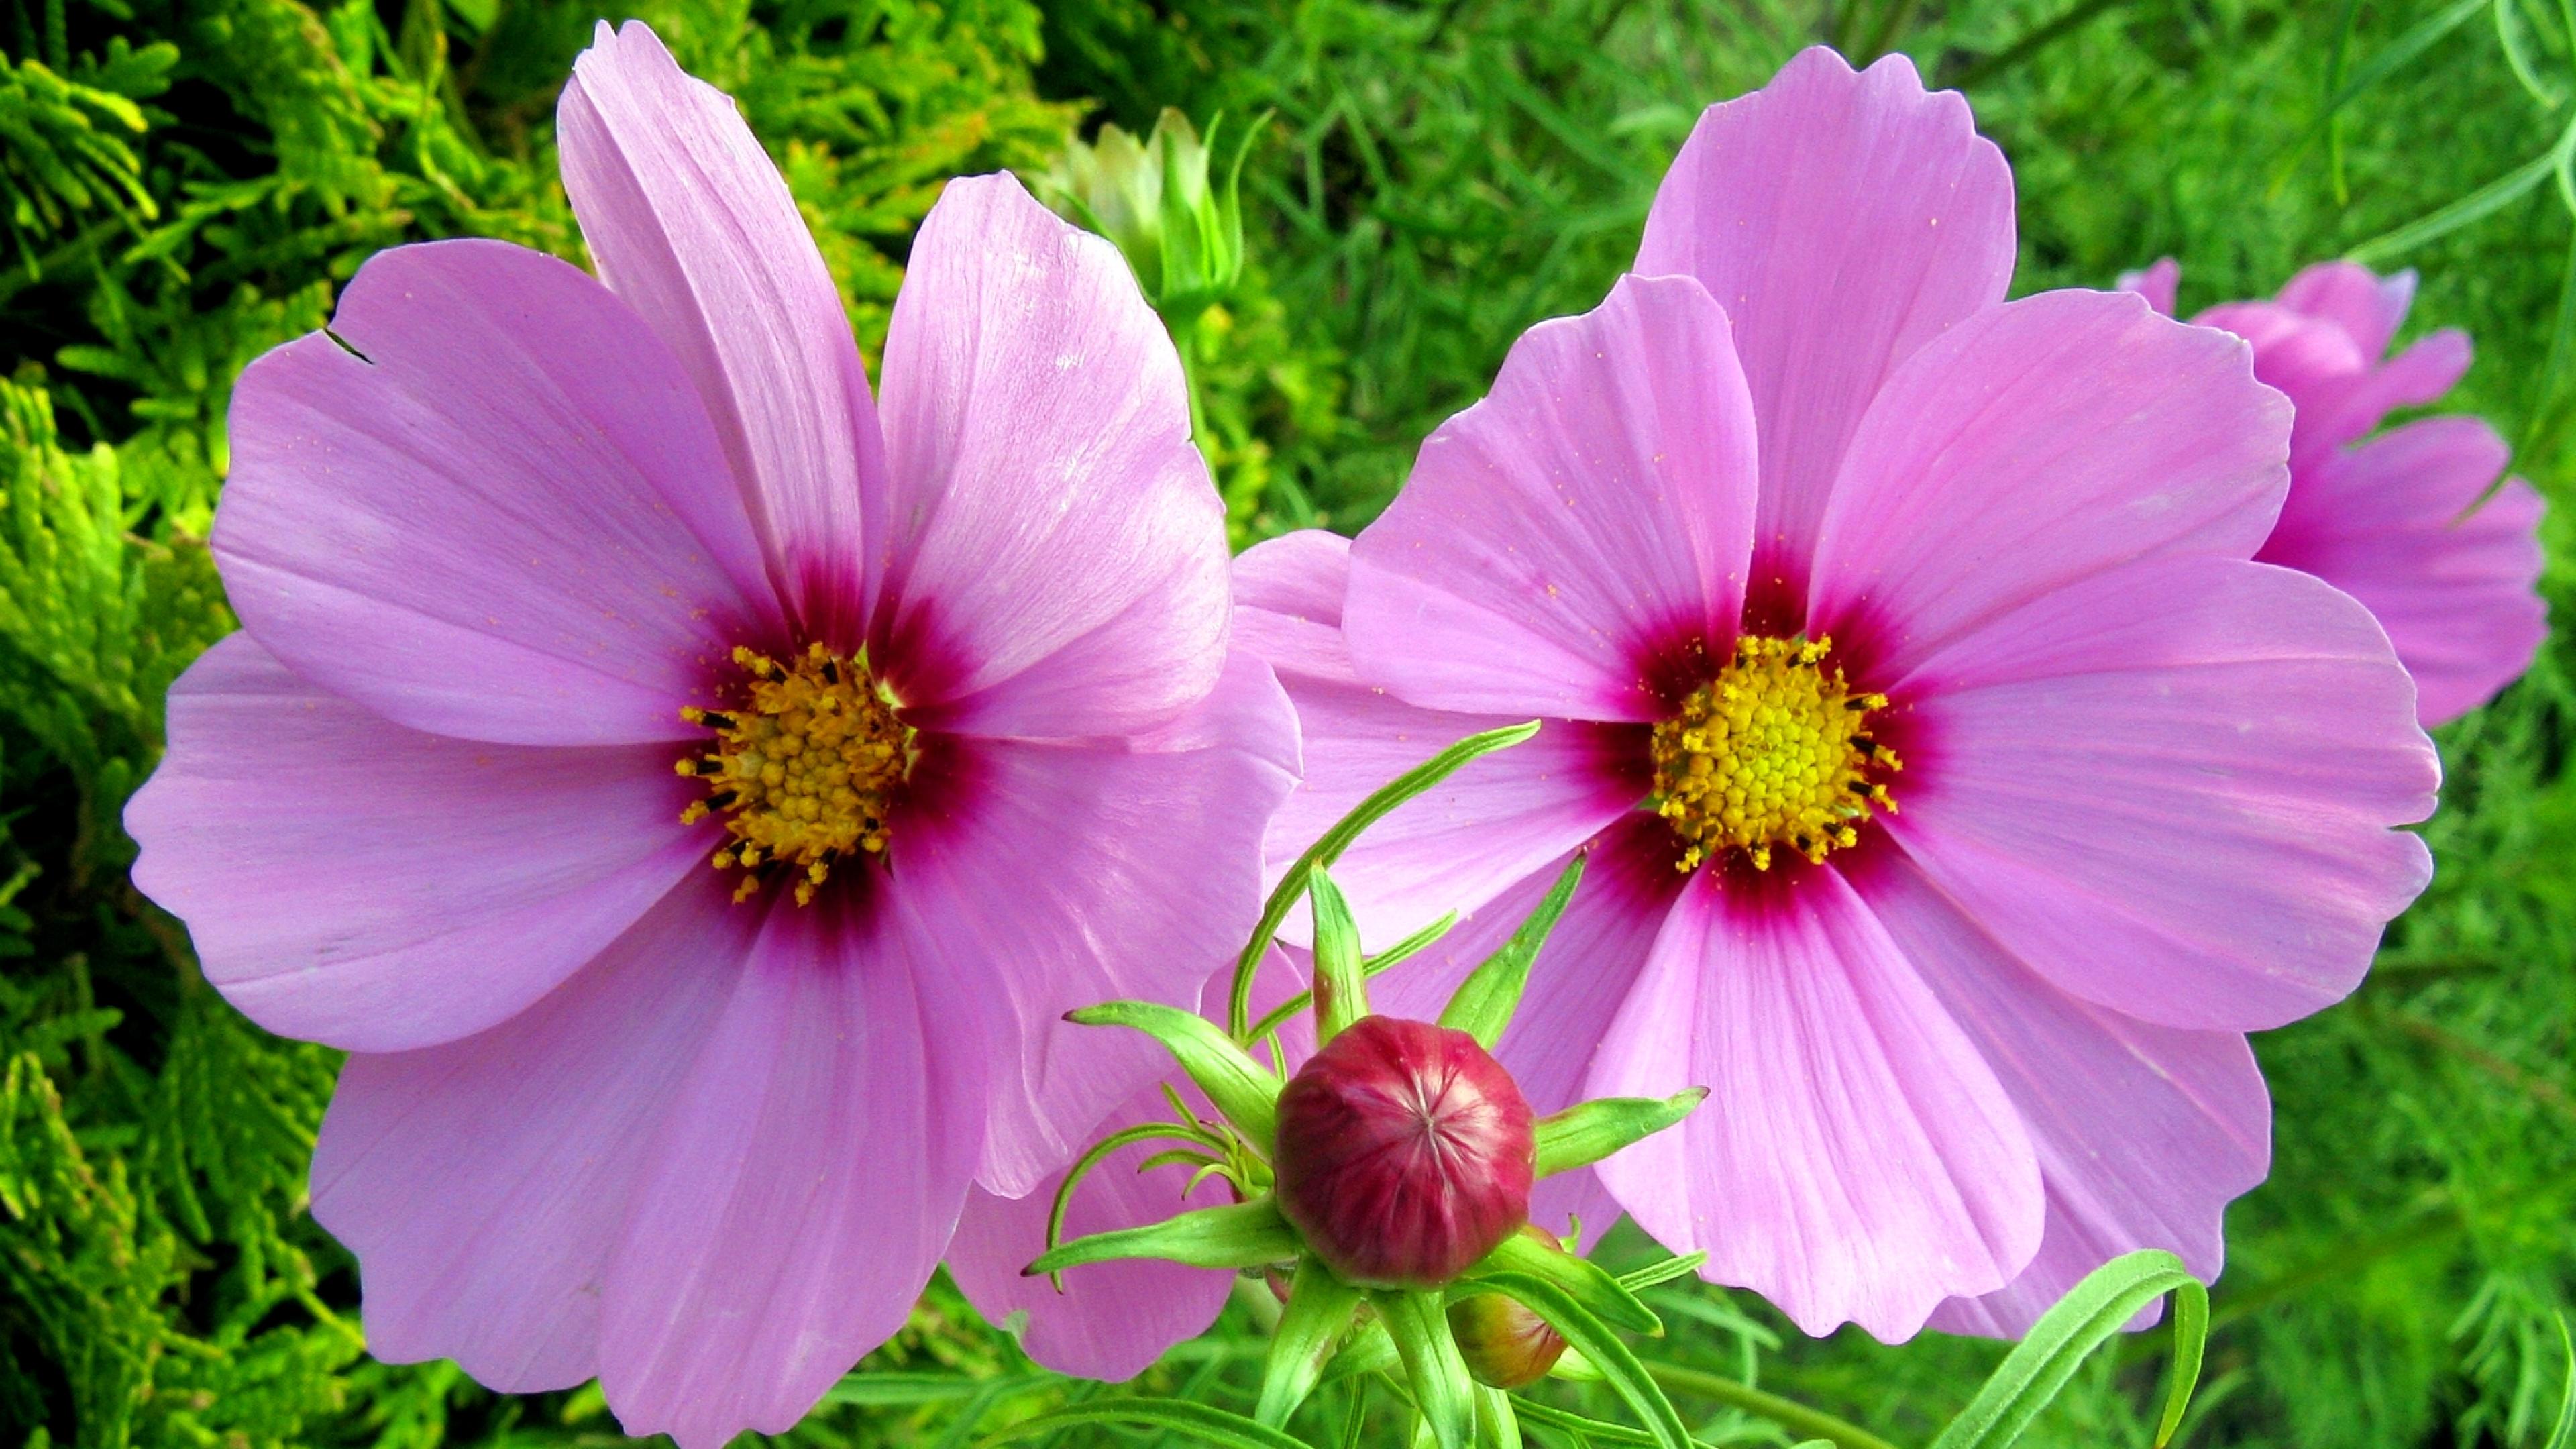 картинки для рабочего стола садовые цветы поздравления